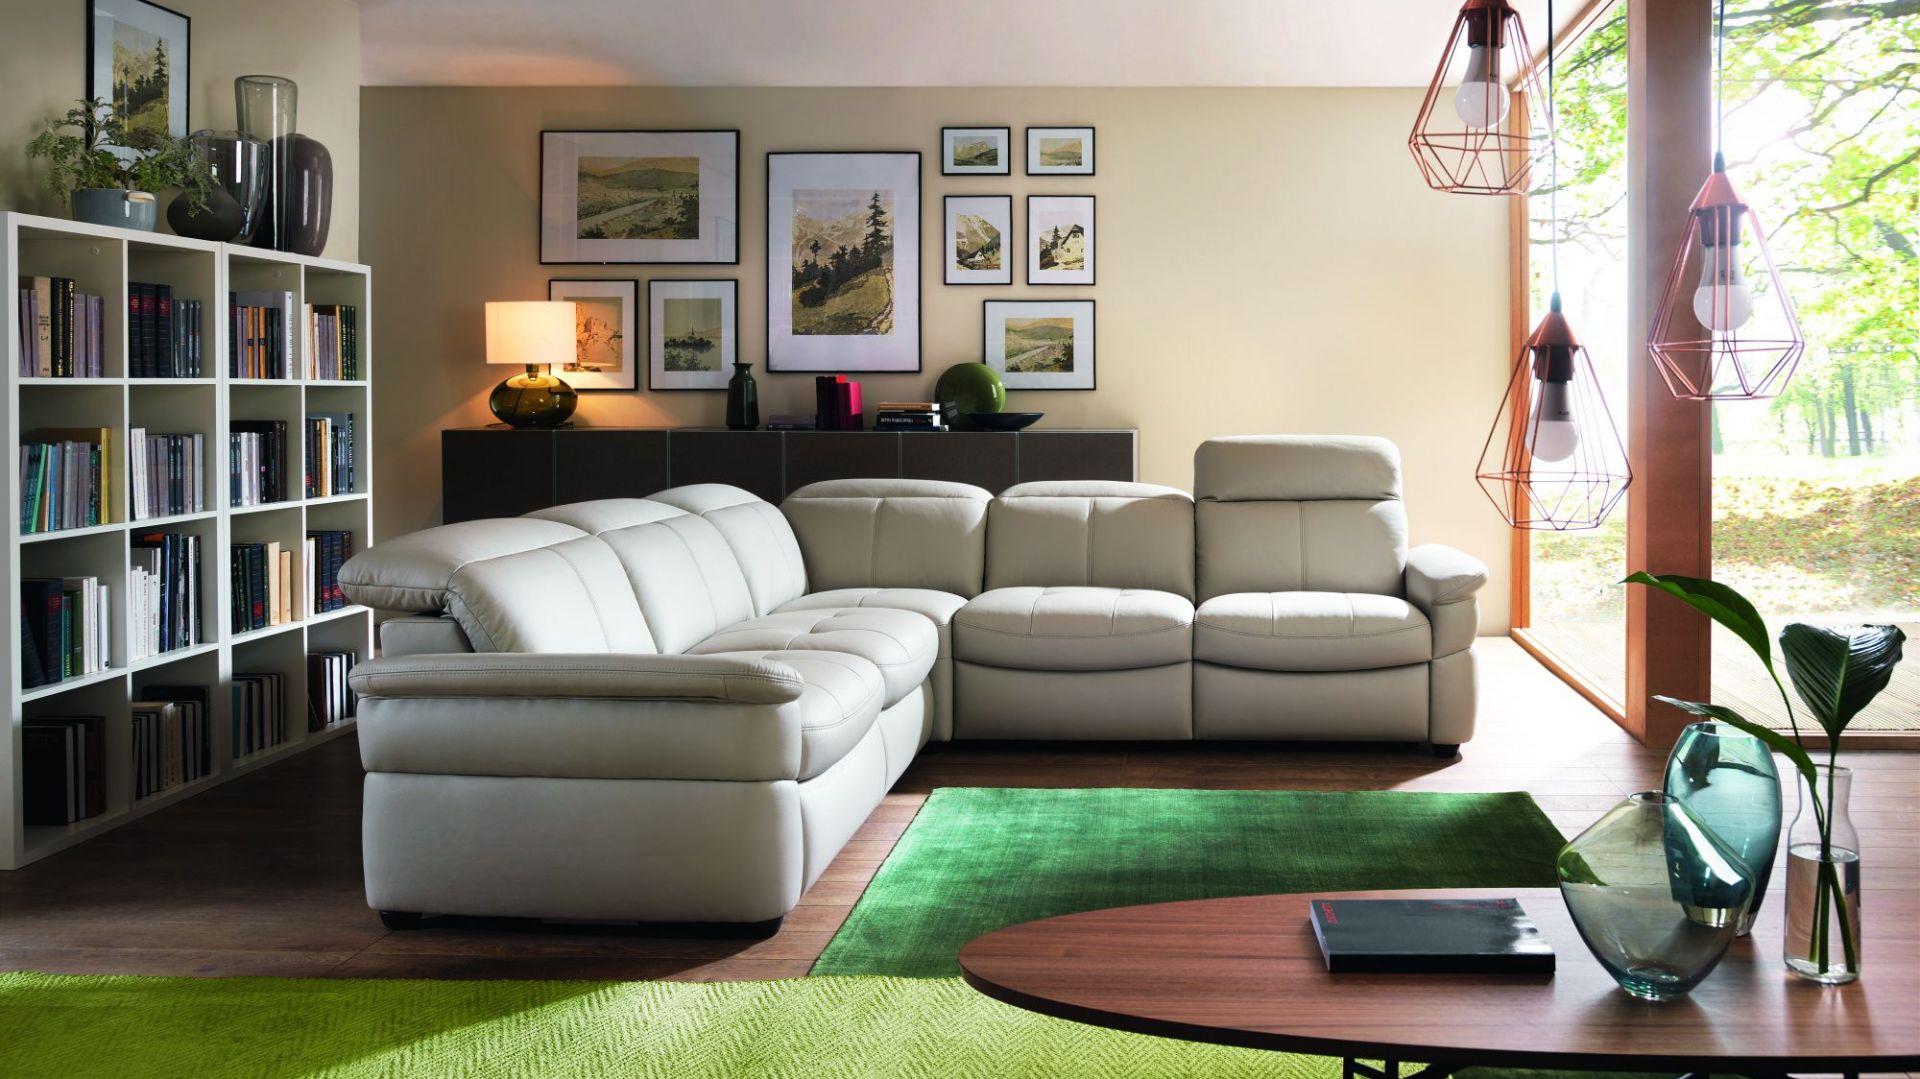 System Lora pozwala skonfigurować sofy i narożniki, które charakteryzują się subtelnym i wyważonym designem. Fot. Gala Collezione